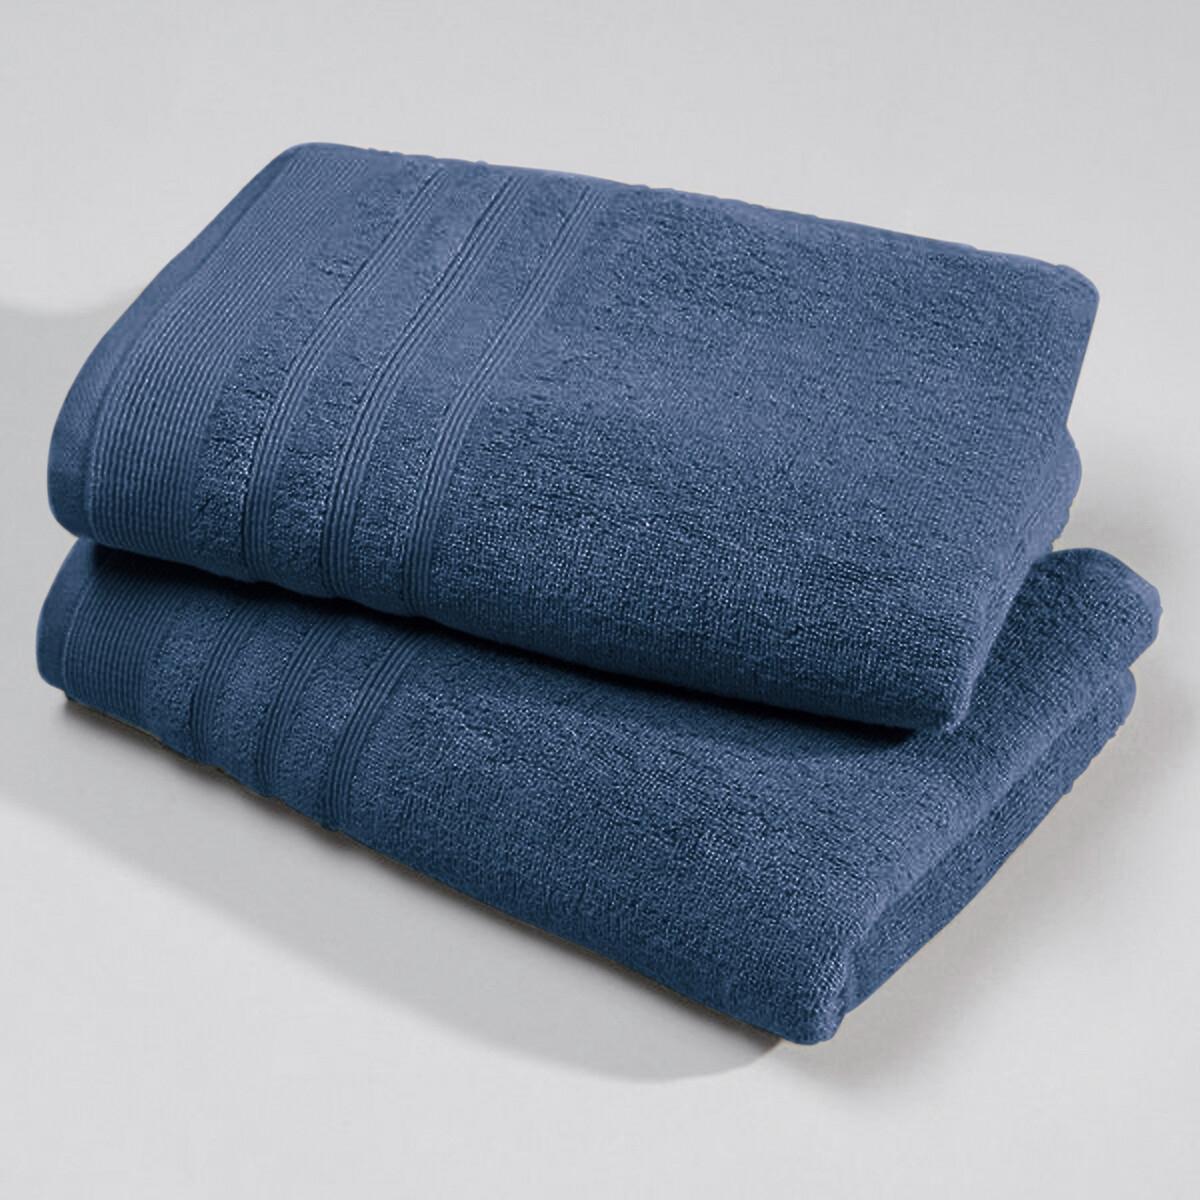 Lote de 2 toalhas em turco 600 g/m²